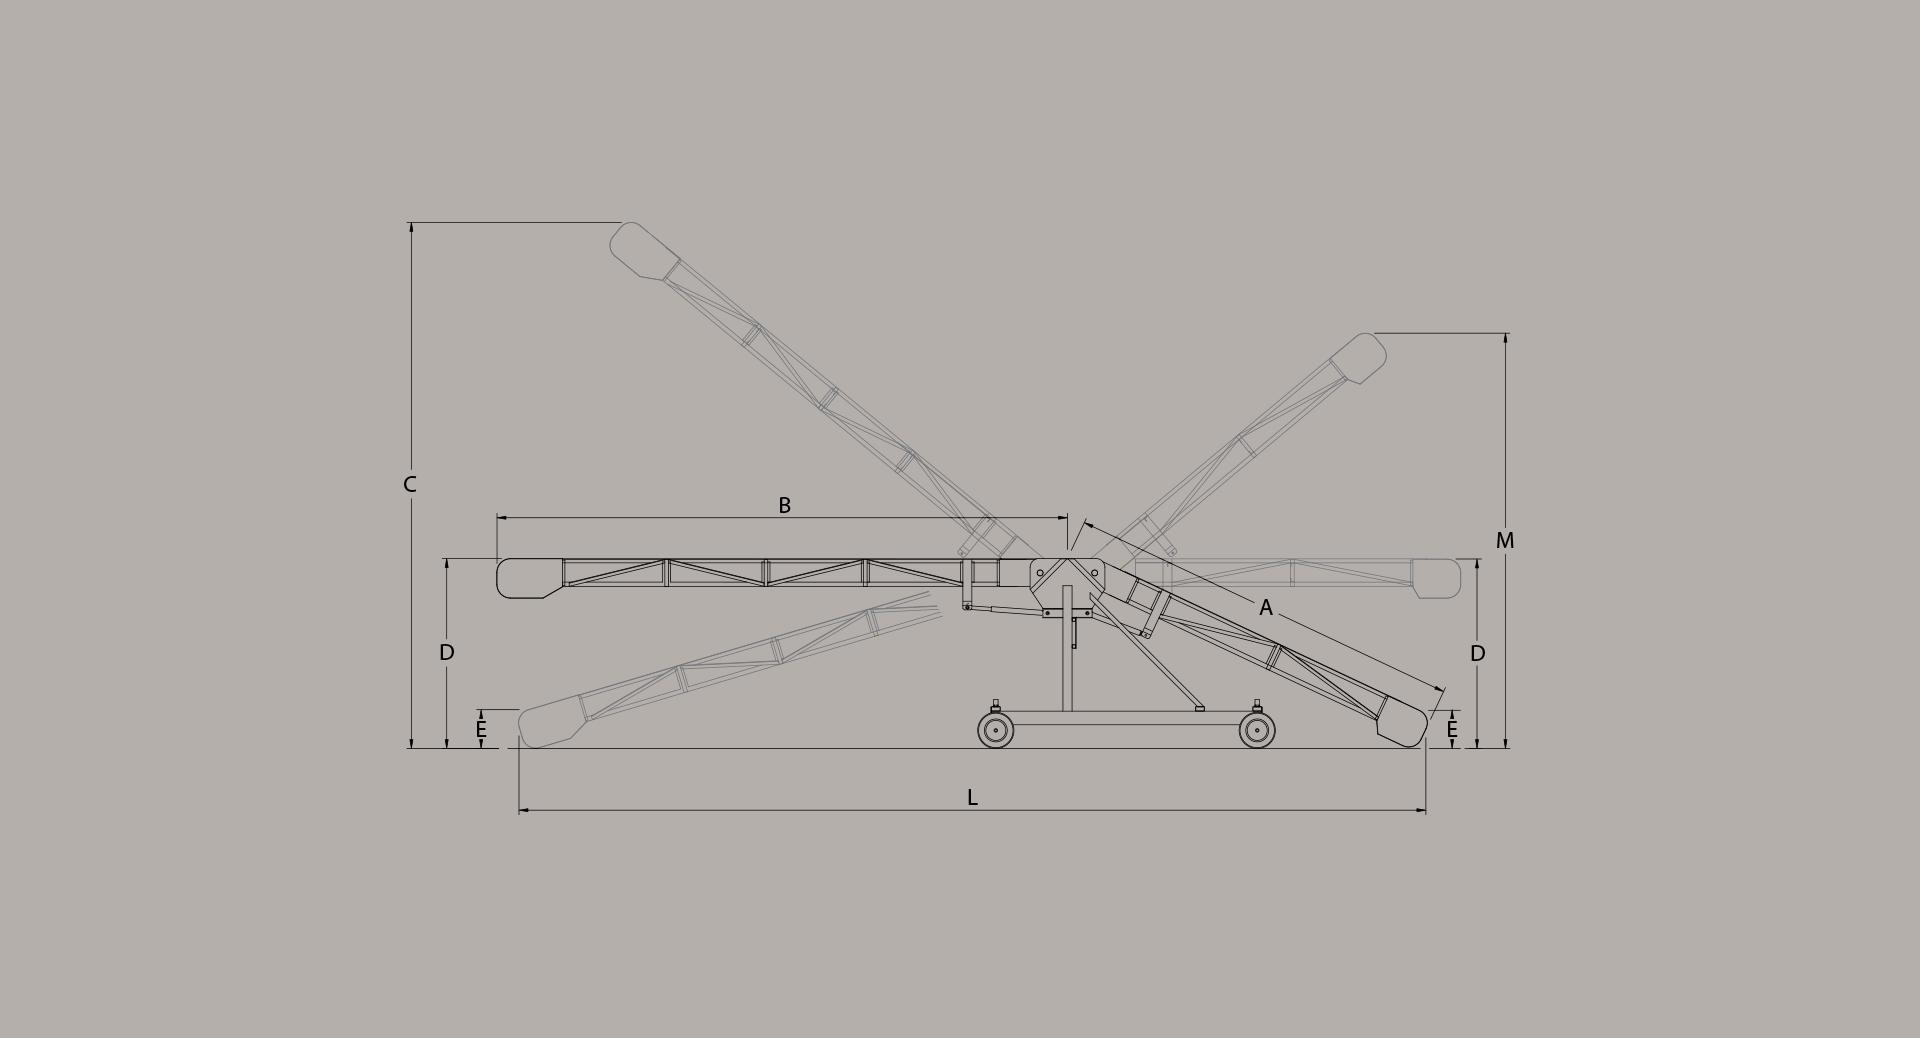 ws type diagram